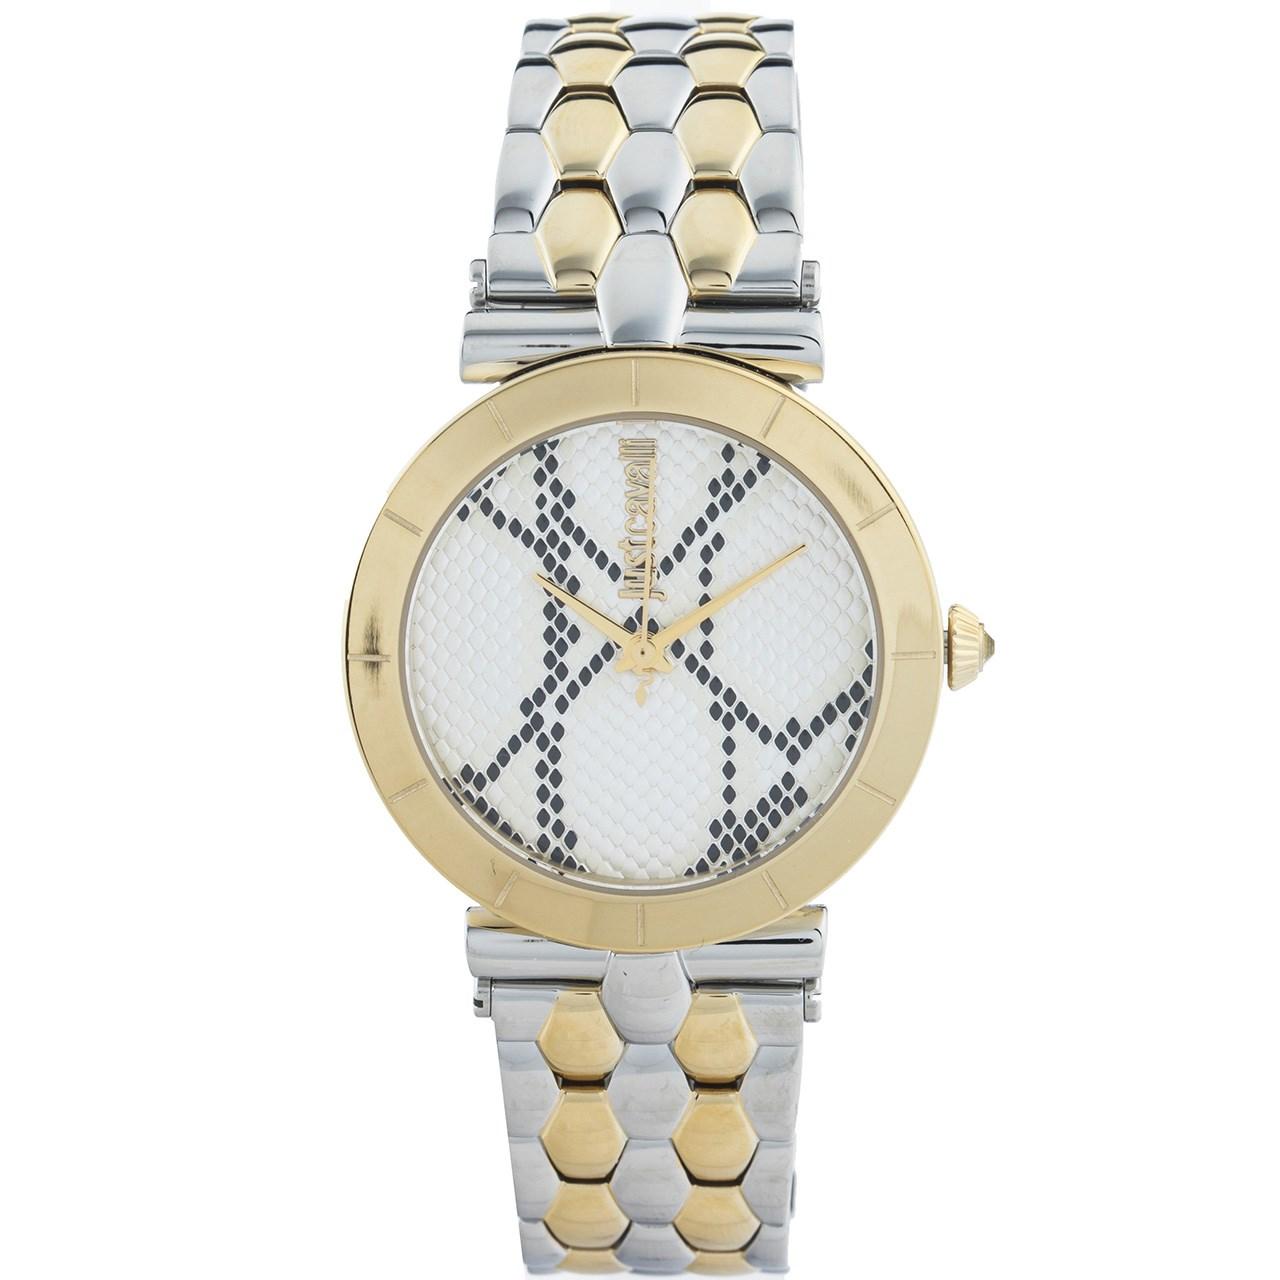 خرید ساعت مچی عقربه ای زنانه جاست کاوالی مدل JC1L005M0095